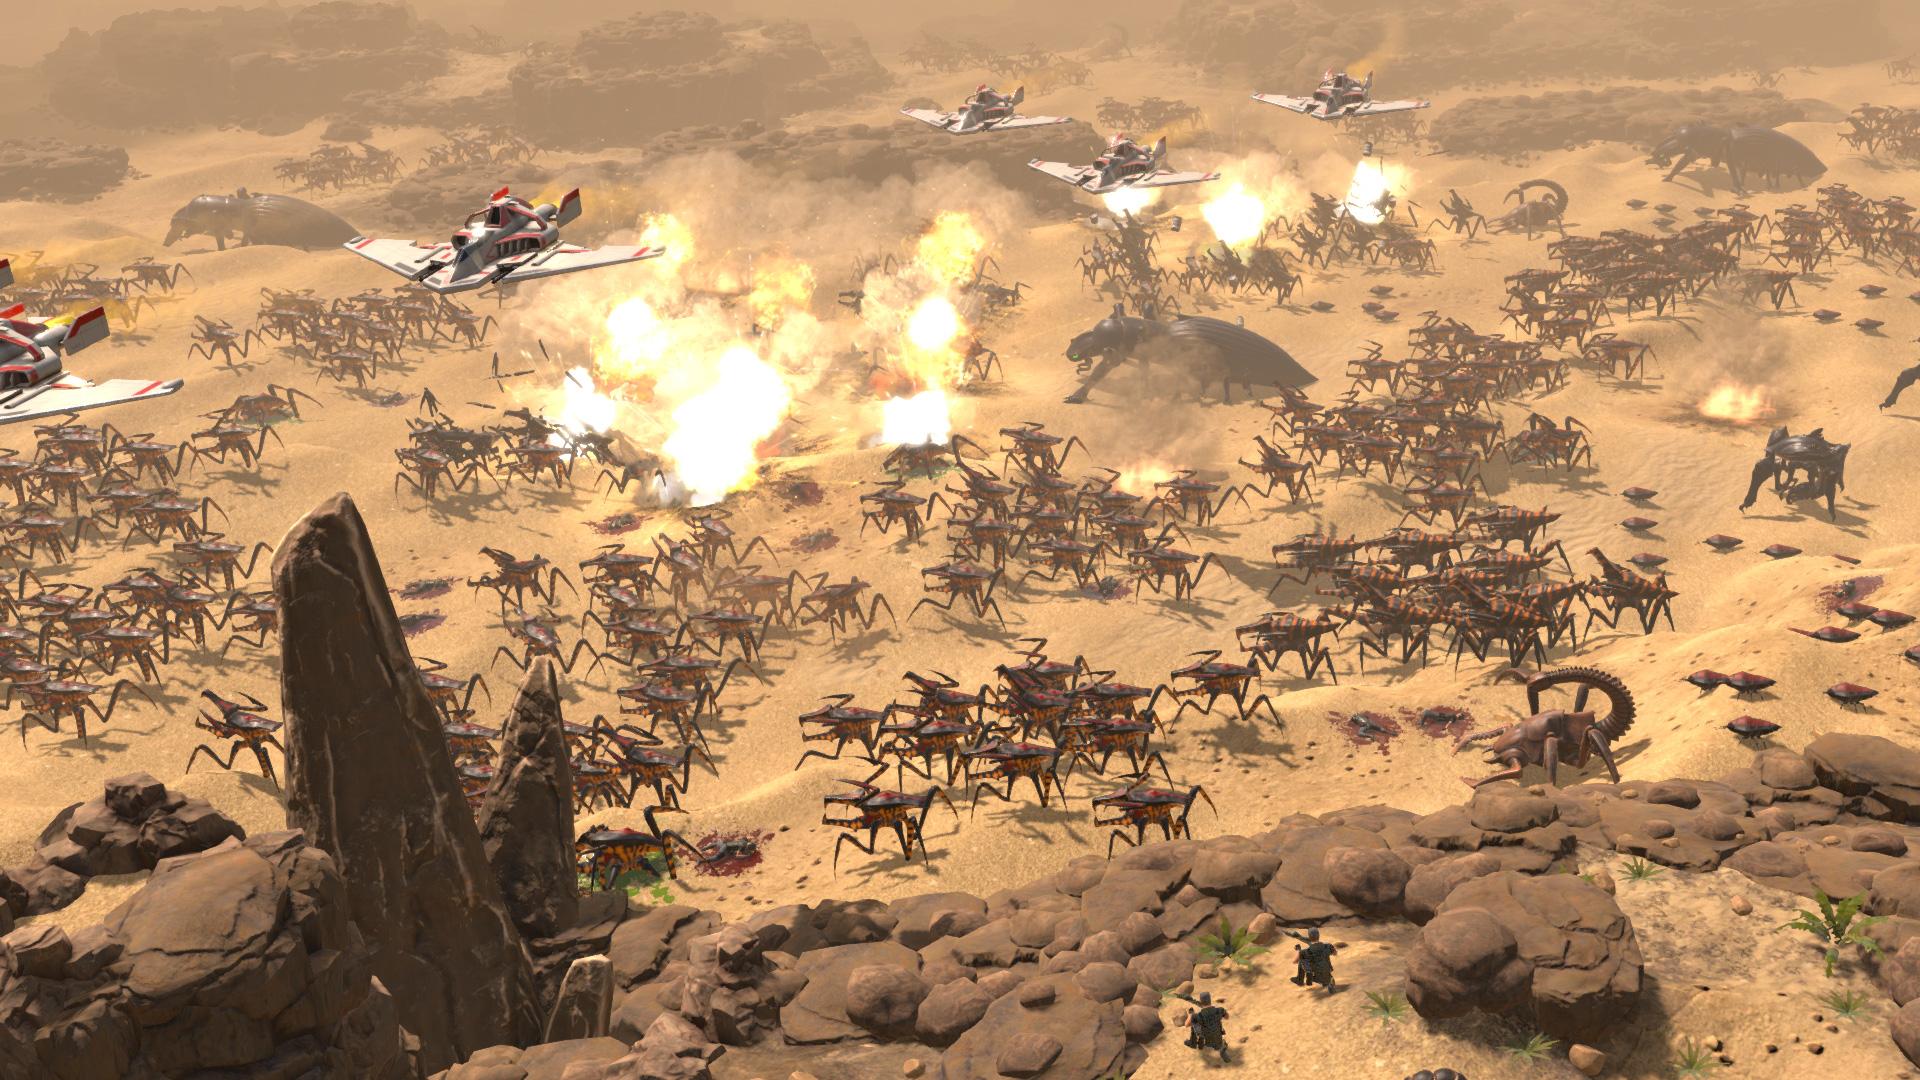 星际飞船士兵-人族指挥部